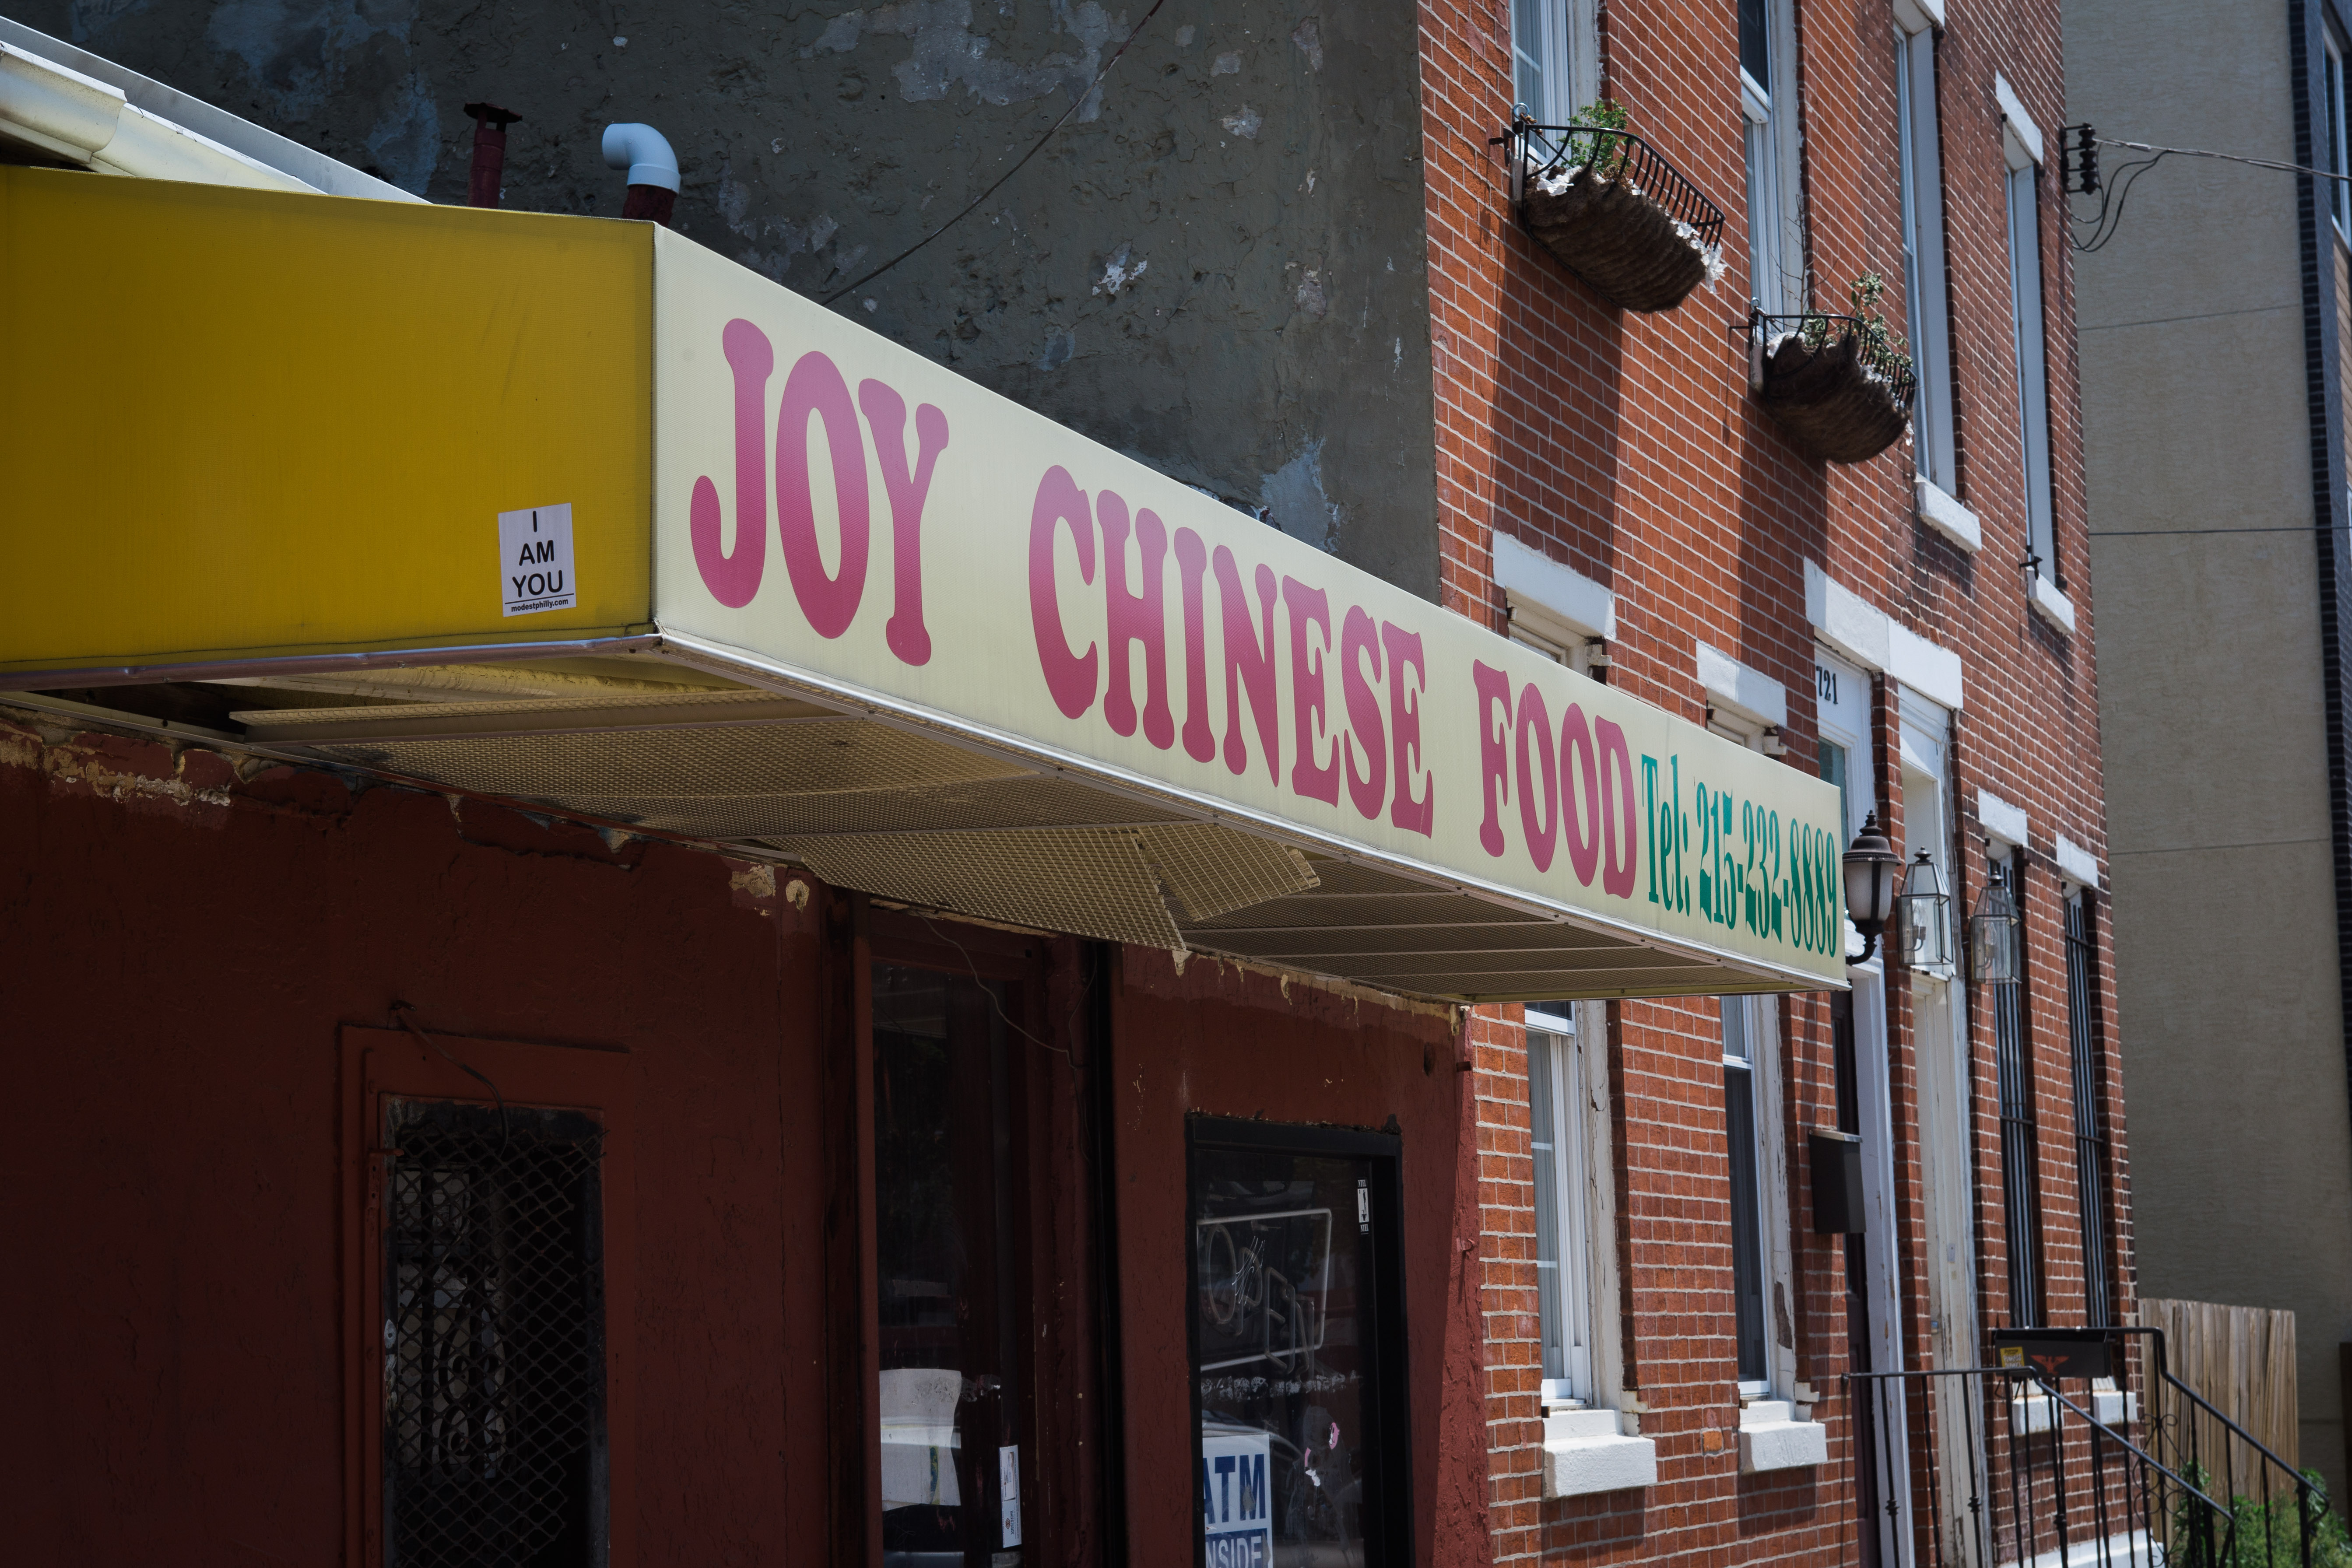 Joy Chinese Food